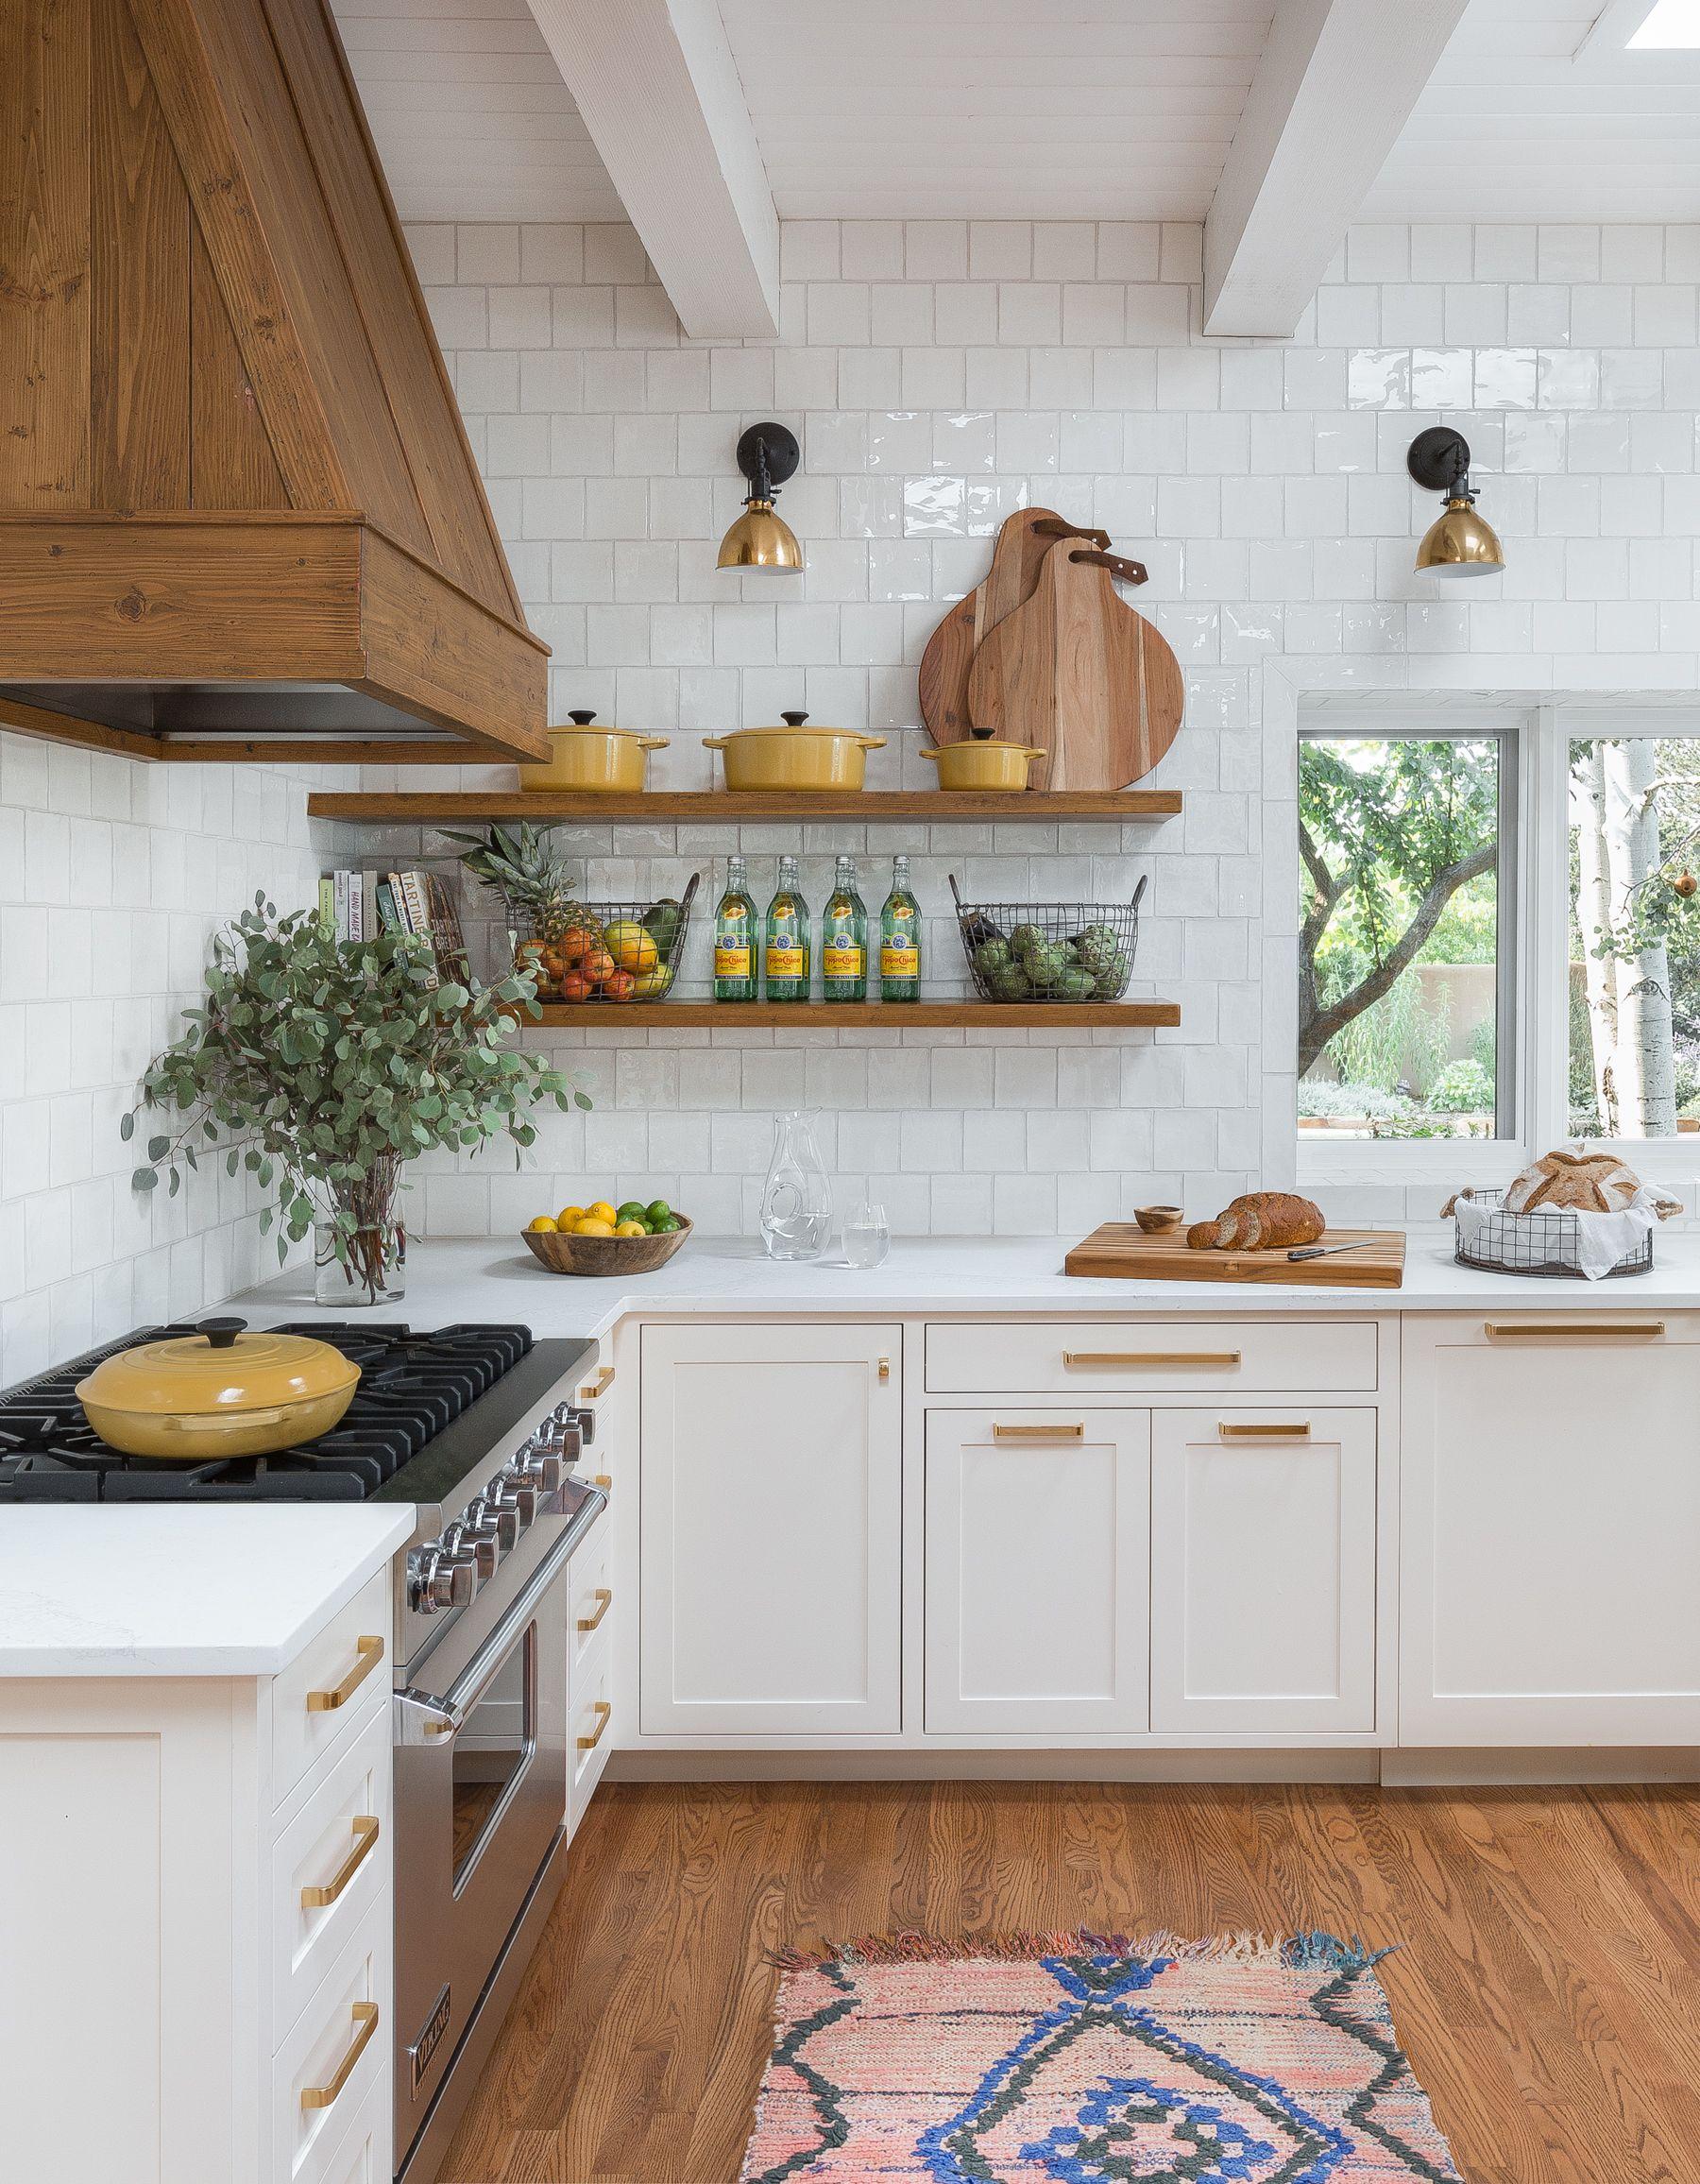 Built Design Collective Cara Scarola Santa Fe Interior Design Kitchen Open Shelving Wo Kitchen Cabinet Styles Interior Design Kitchen Kitchen Inspirations